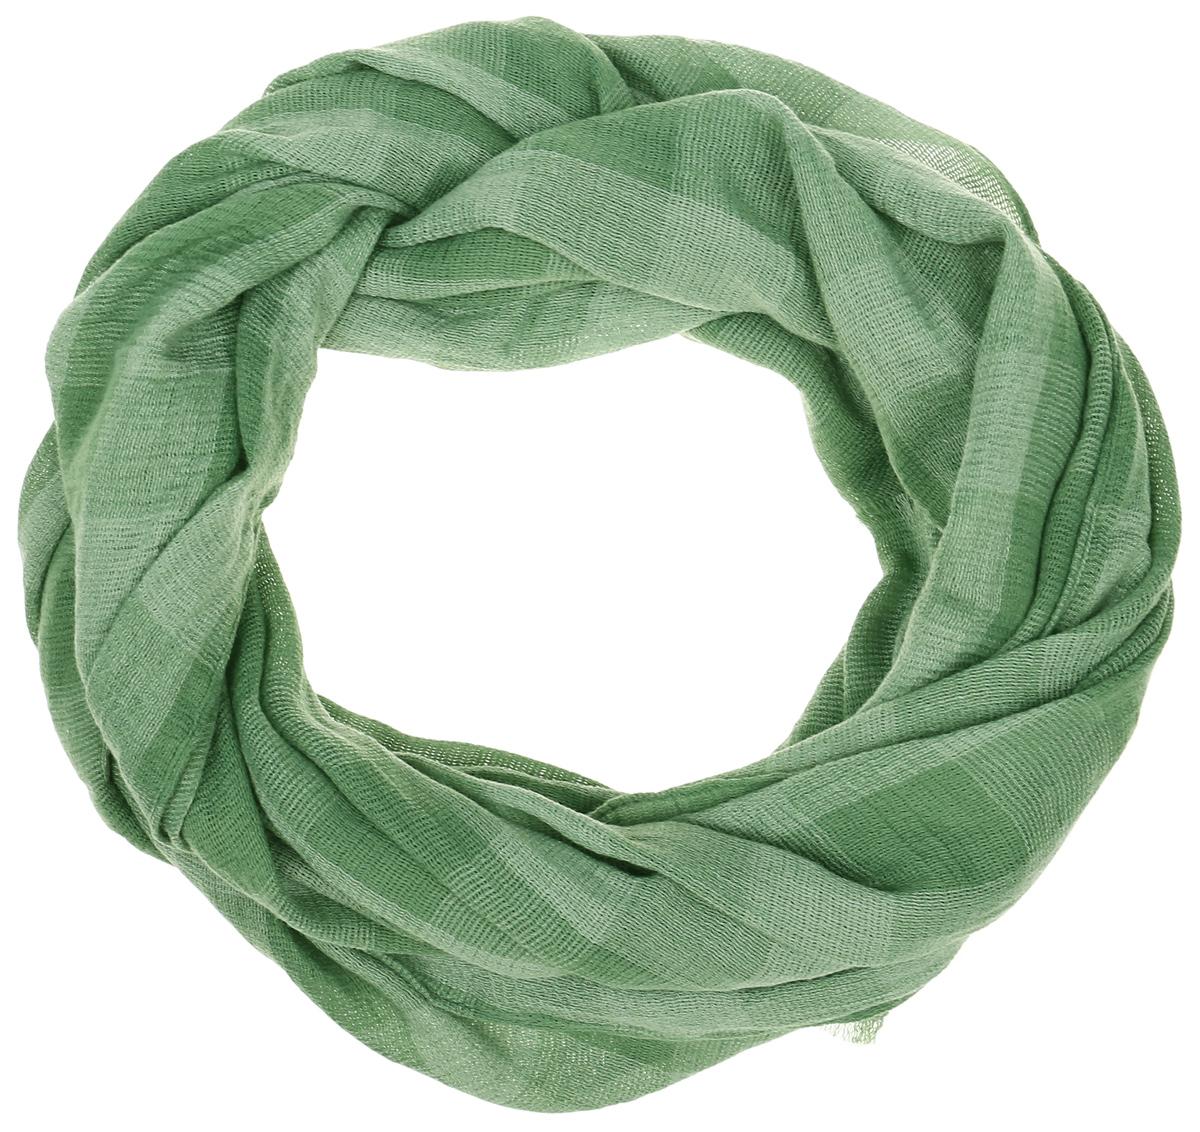 Палантин Vita Pelle, цвет: зеленый. Ro02PT1635/7. Размер 70 см х 180 смRo02PT1635/7Палантин от Vita Pelle изготовлен из вискозы и полиэстера. Модель оформлена принтом в крупную клетку. Края изделия дополнены бахромой.